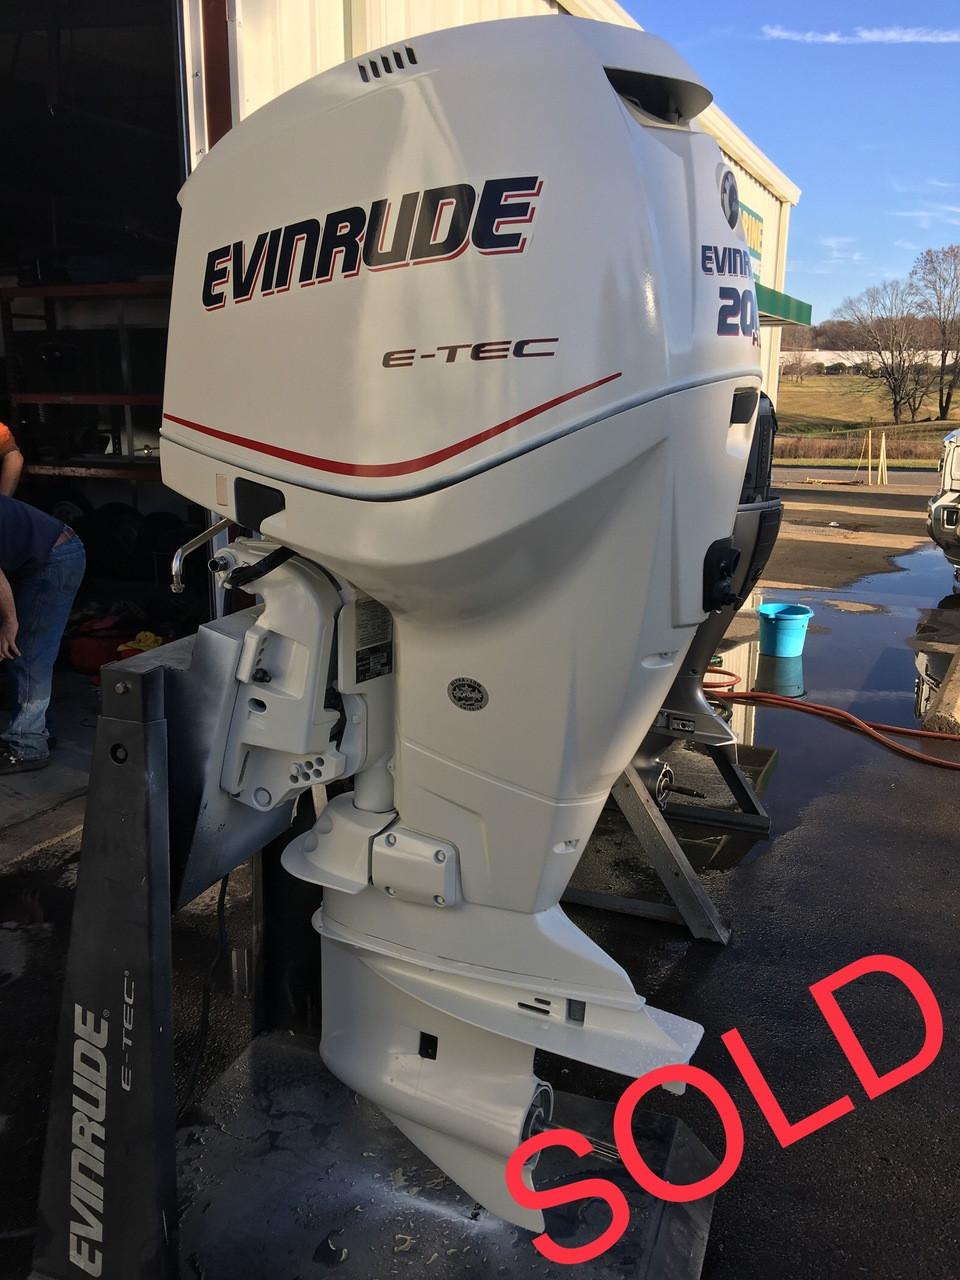 2012 Evinrude ETec 200 HP High Output V6 2-Stroke 25